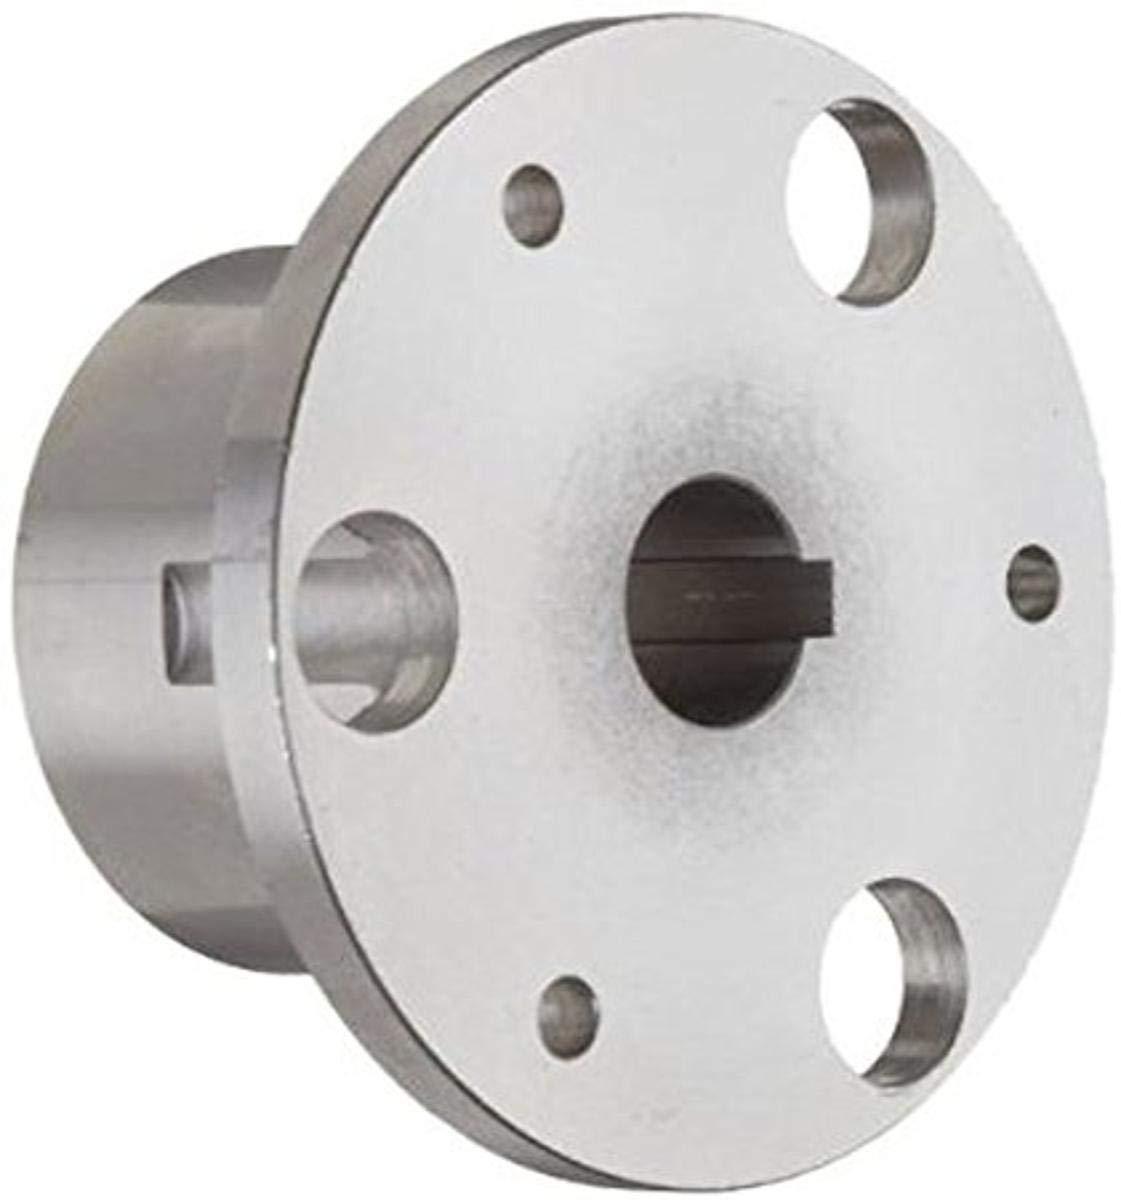 Lovejoy 69790413835 SX255-6 Hub, 65 mm Bore, Keyway, 115 mm Length Through Bore